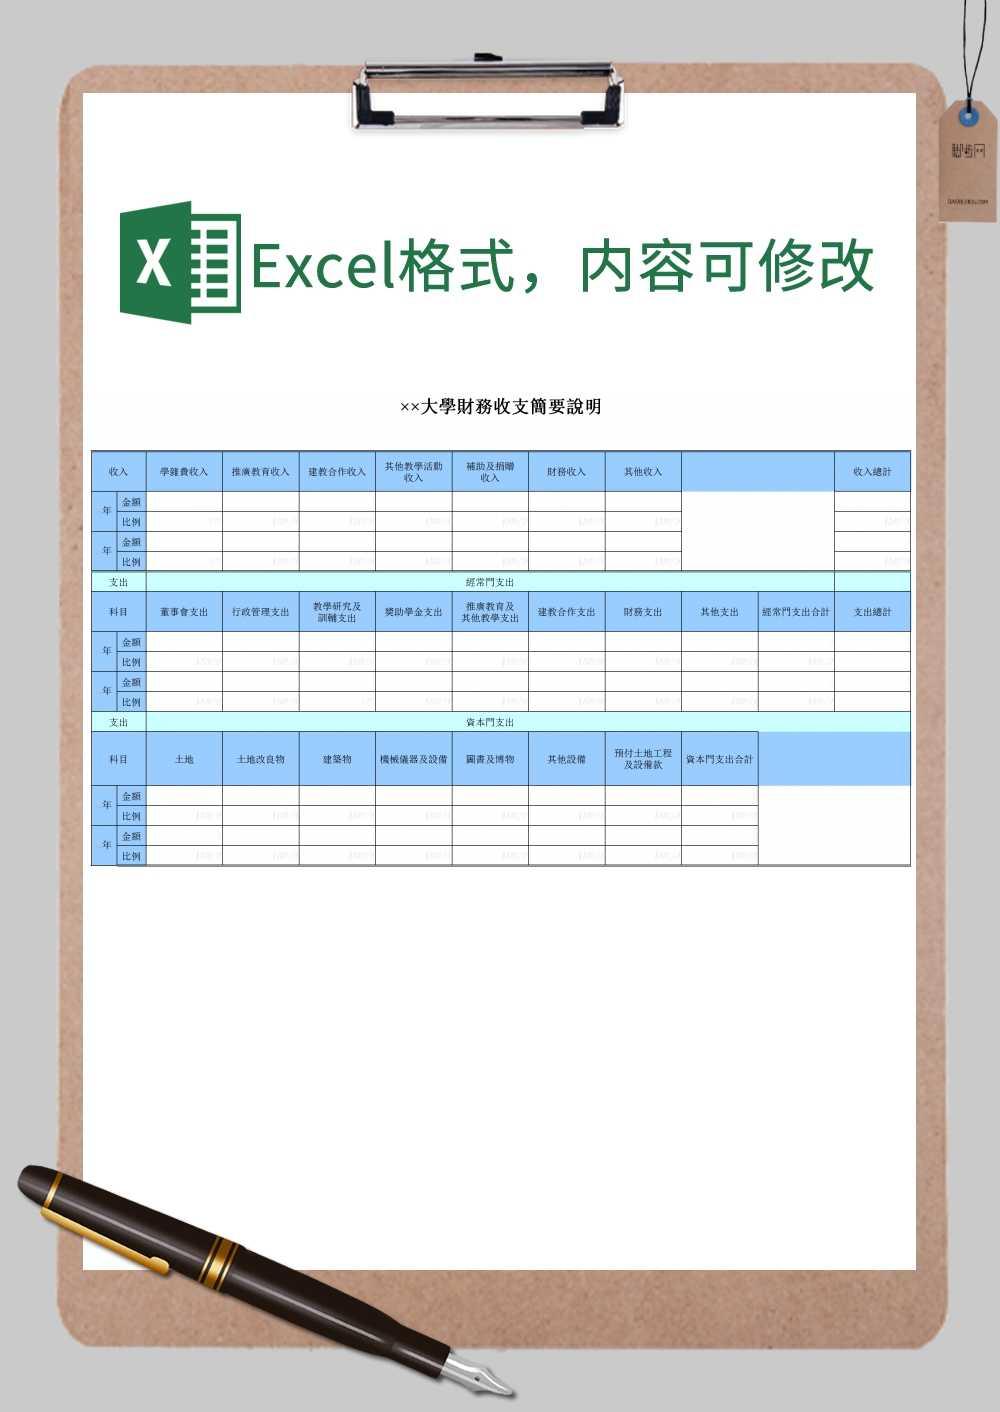 大學財務收支簡要說明通用范本Excel模板